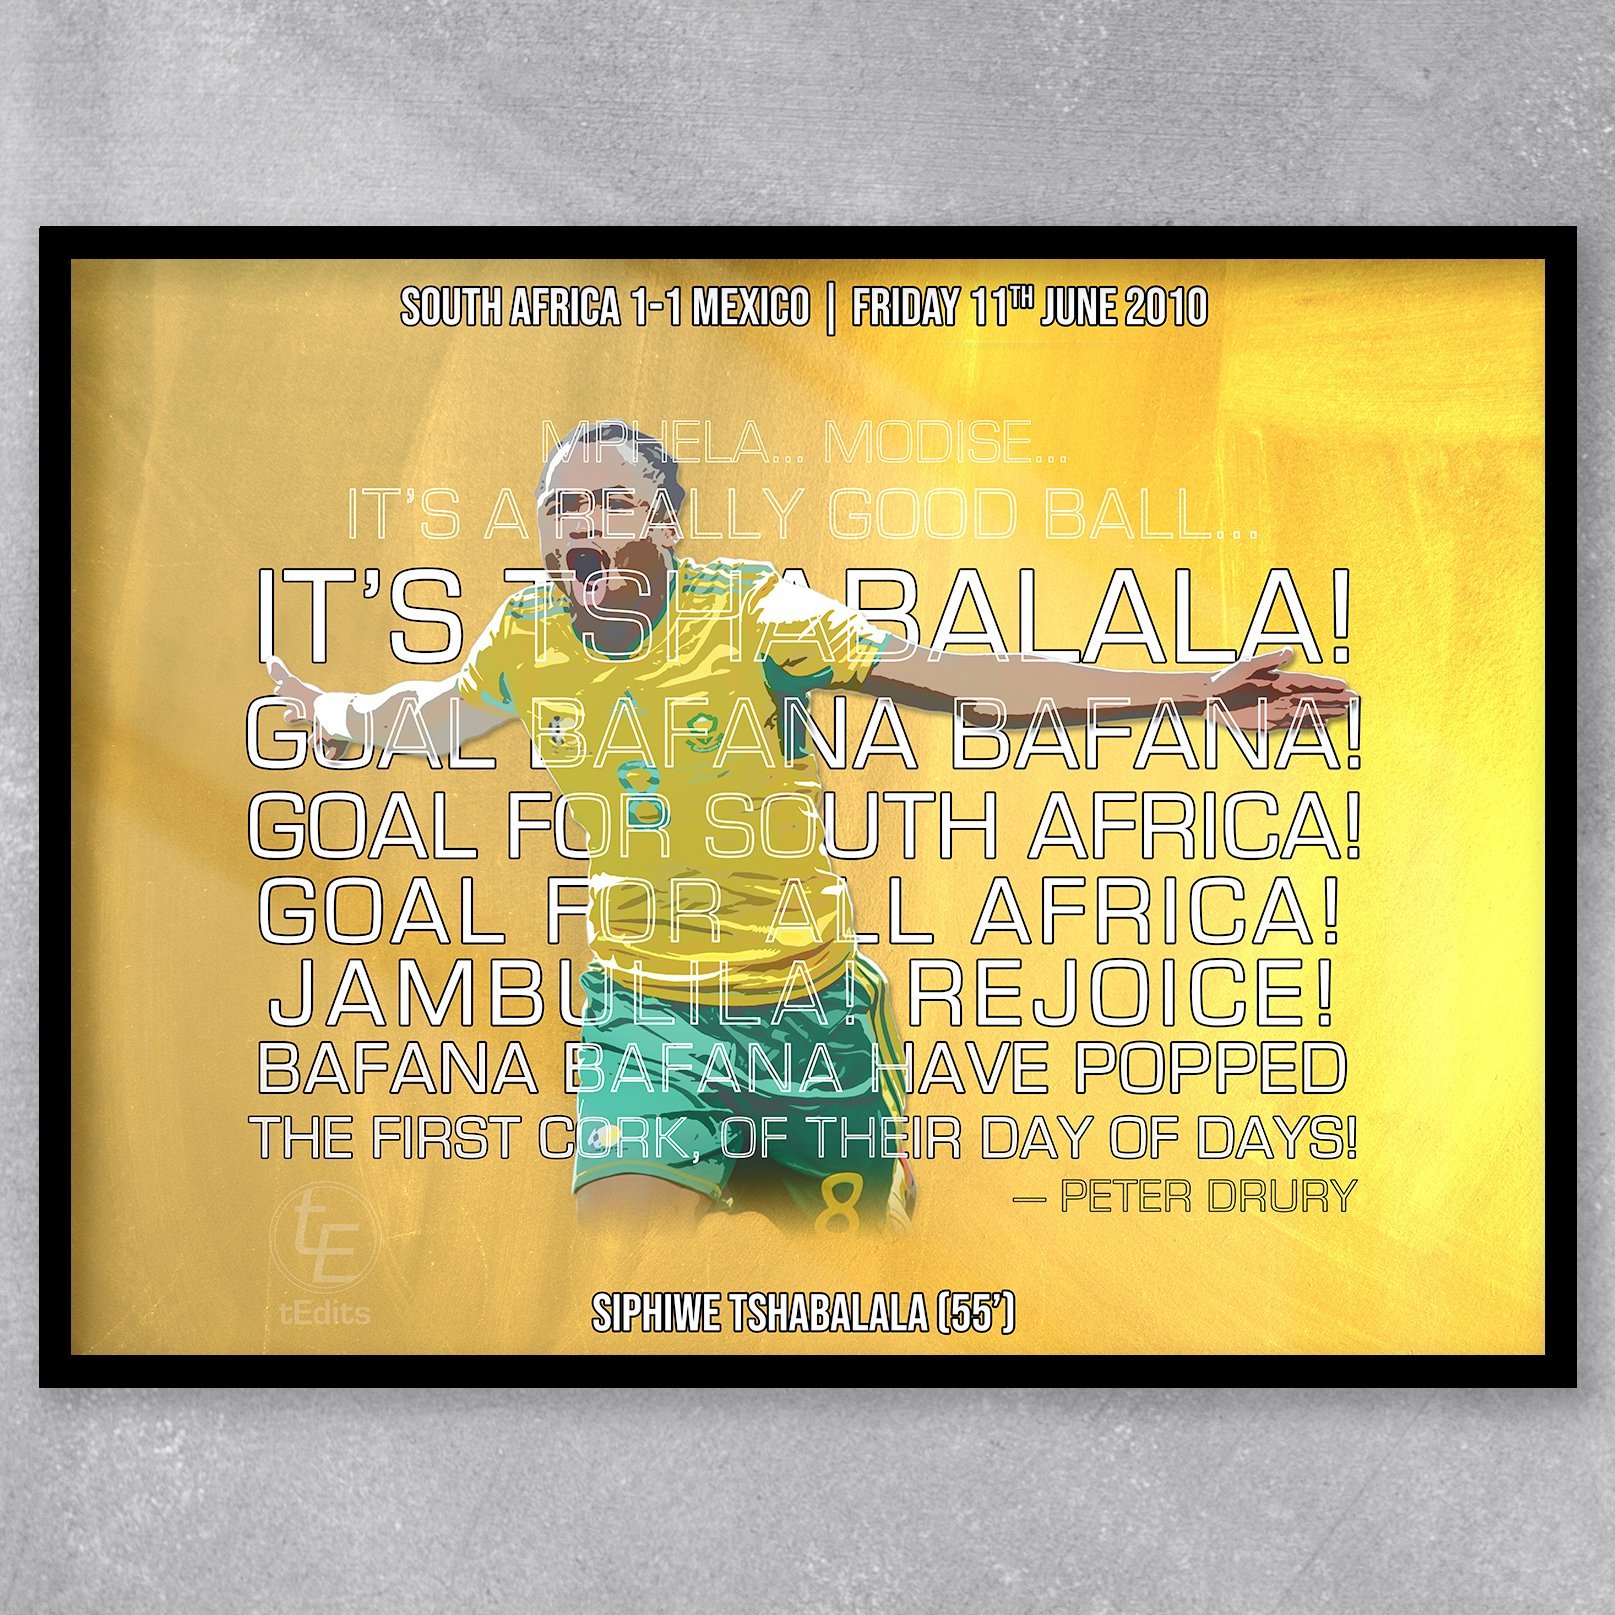 Siphiwe Tshabalala vs Mexico, 2010 | Football Moments